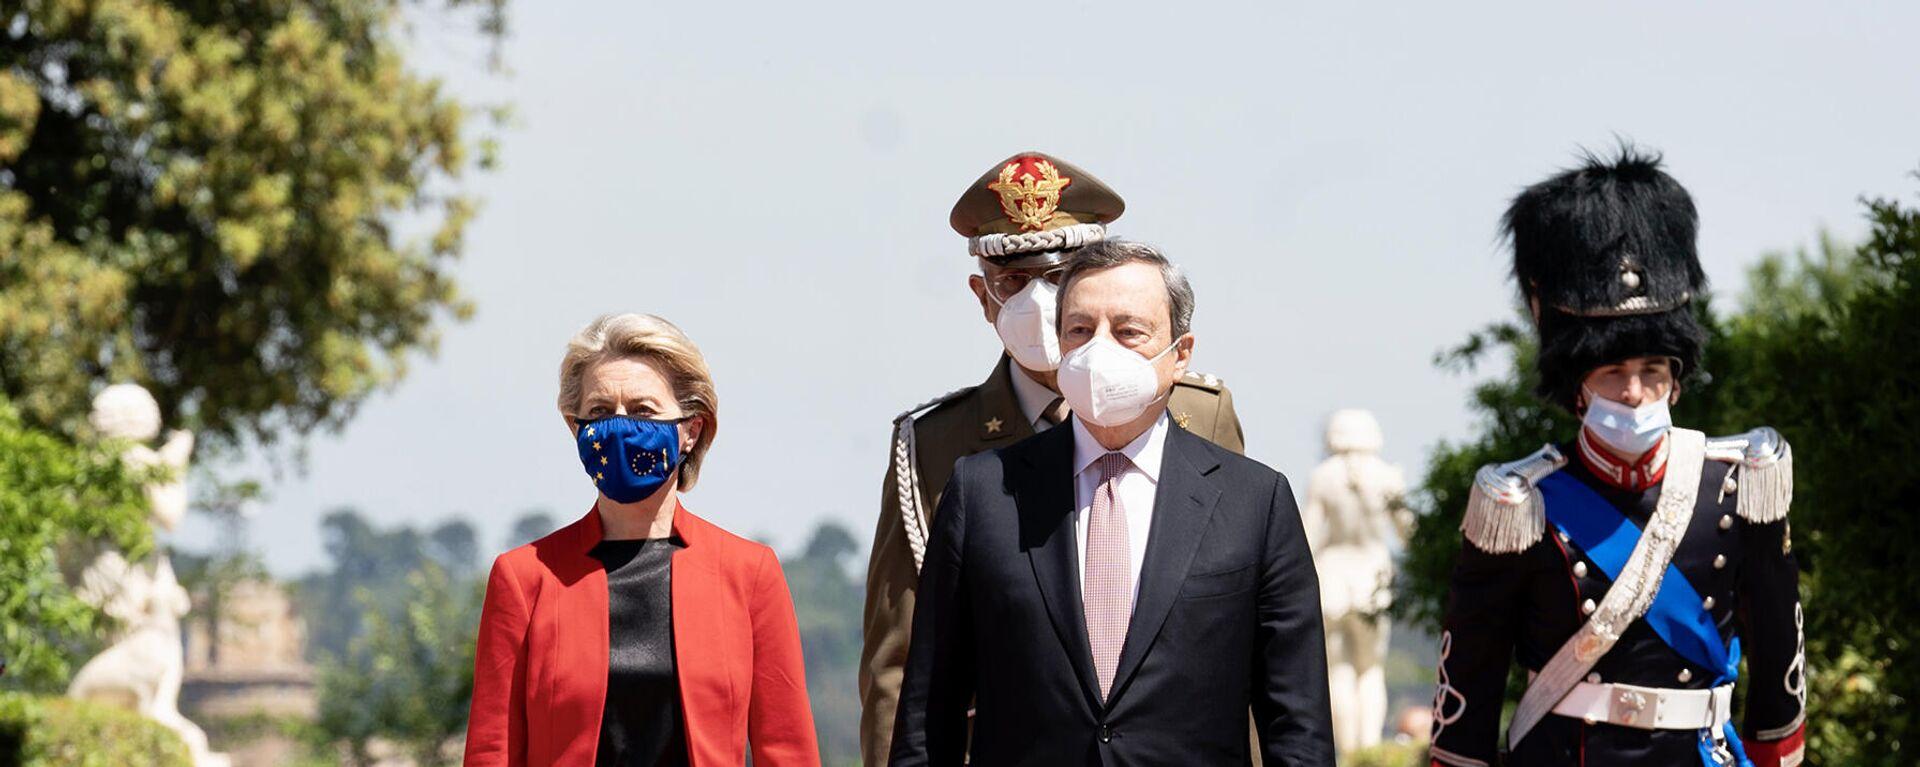 Il Presidente del Consiglio, Mario Draghi, accoglie a Villa Pamphilj la Presidente della Commissione Europea Ursula von der Leyen in occasione del Global Health Summit - Sputnik Italia, 1920, 15.06.2021